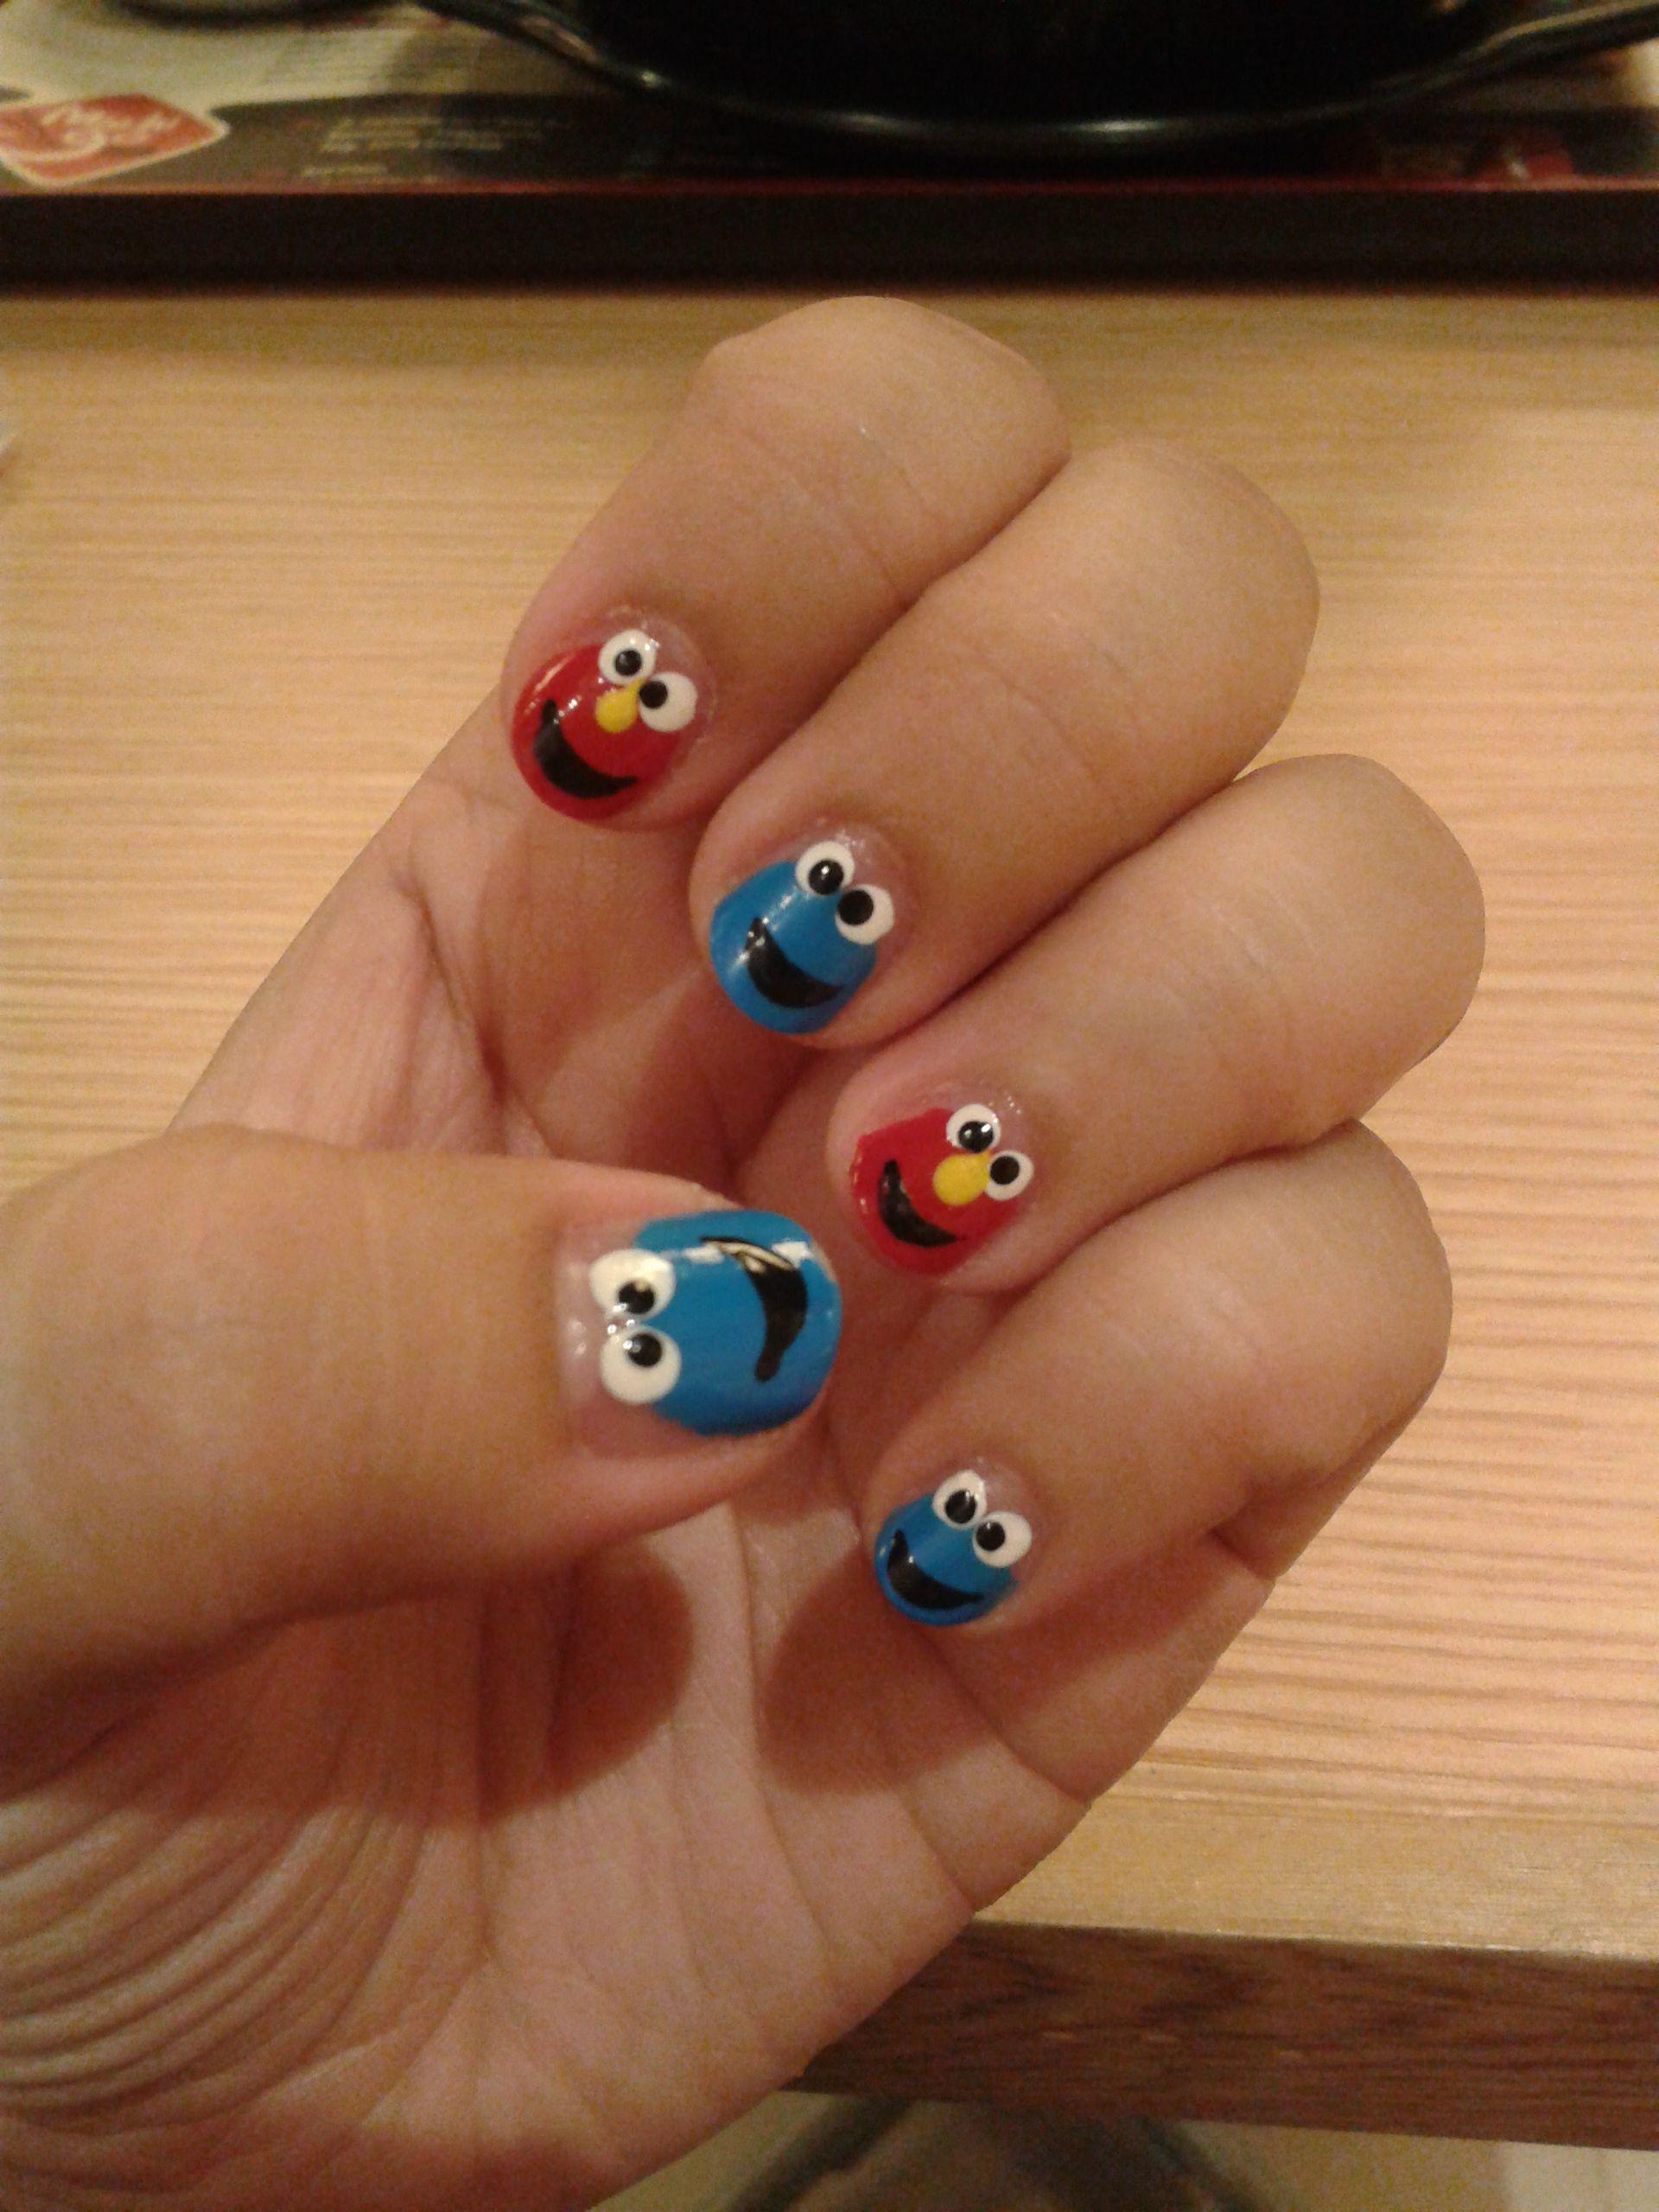 My Sesame Streets nails <3 Elmo and Cookie Monster om nom nom nom ...